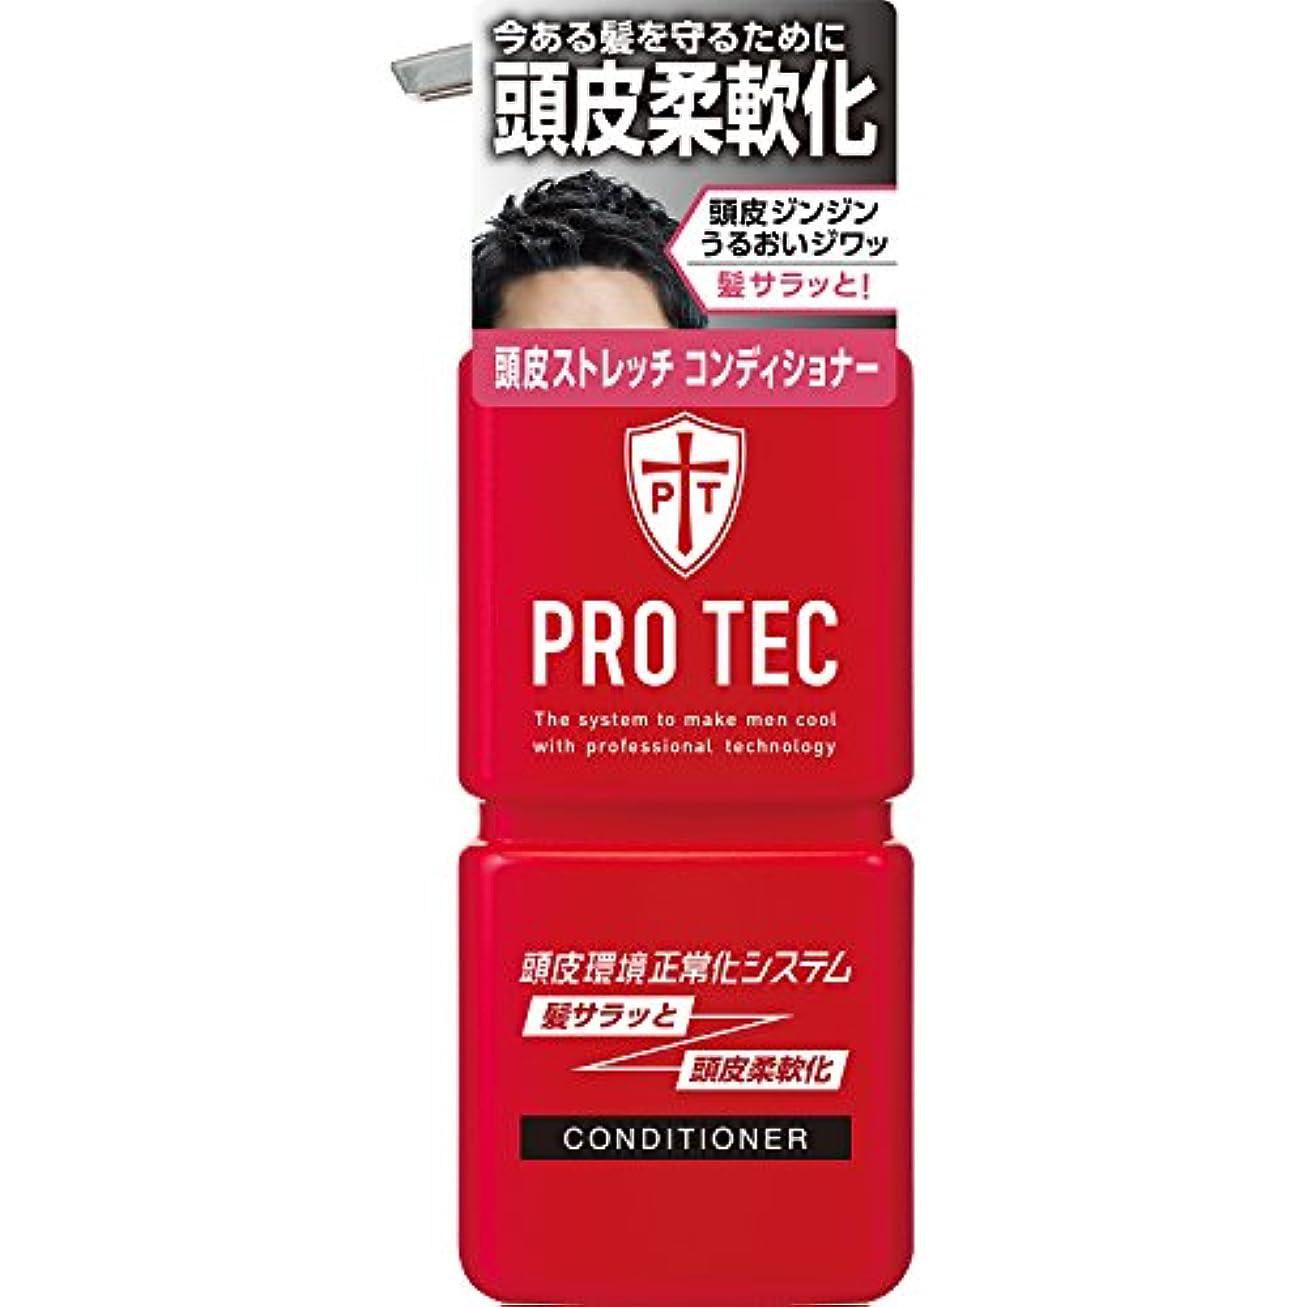 コンパクト簡略化する黙認するPRO TEC(プロテク) 頭皮ストレッチ コンディショナー 本体ポンプ 300g